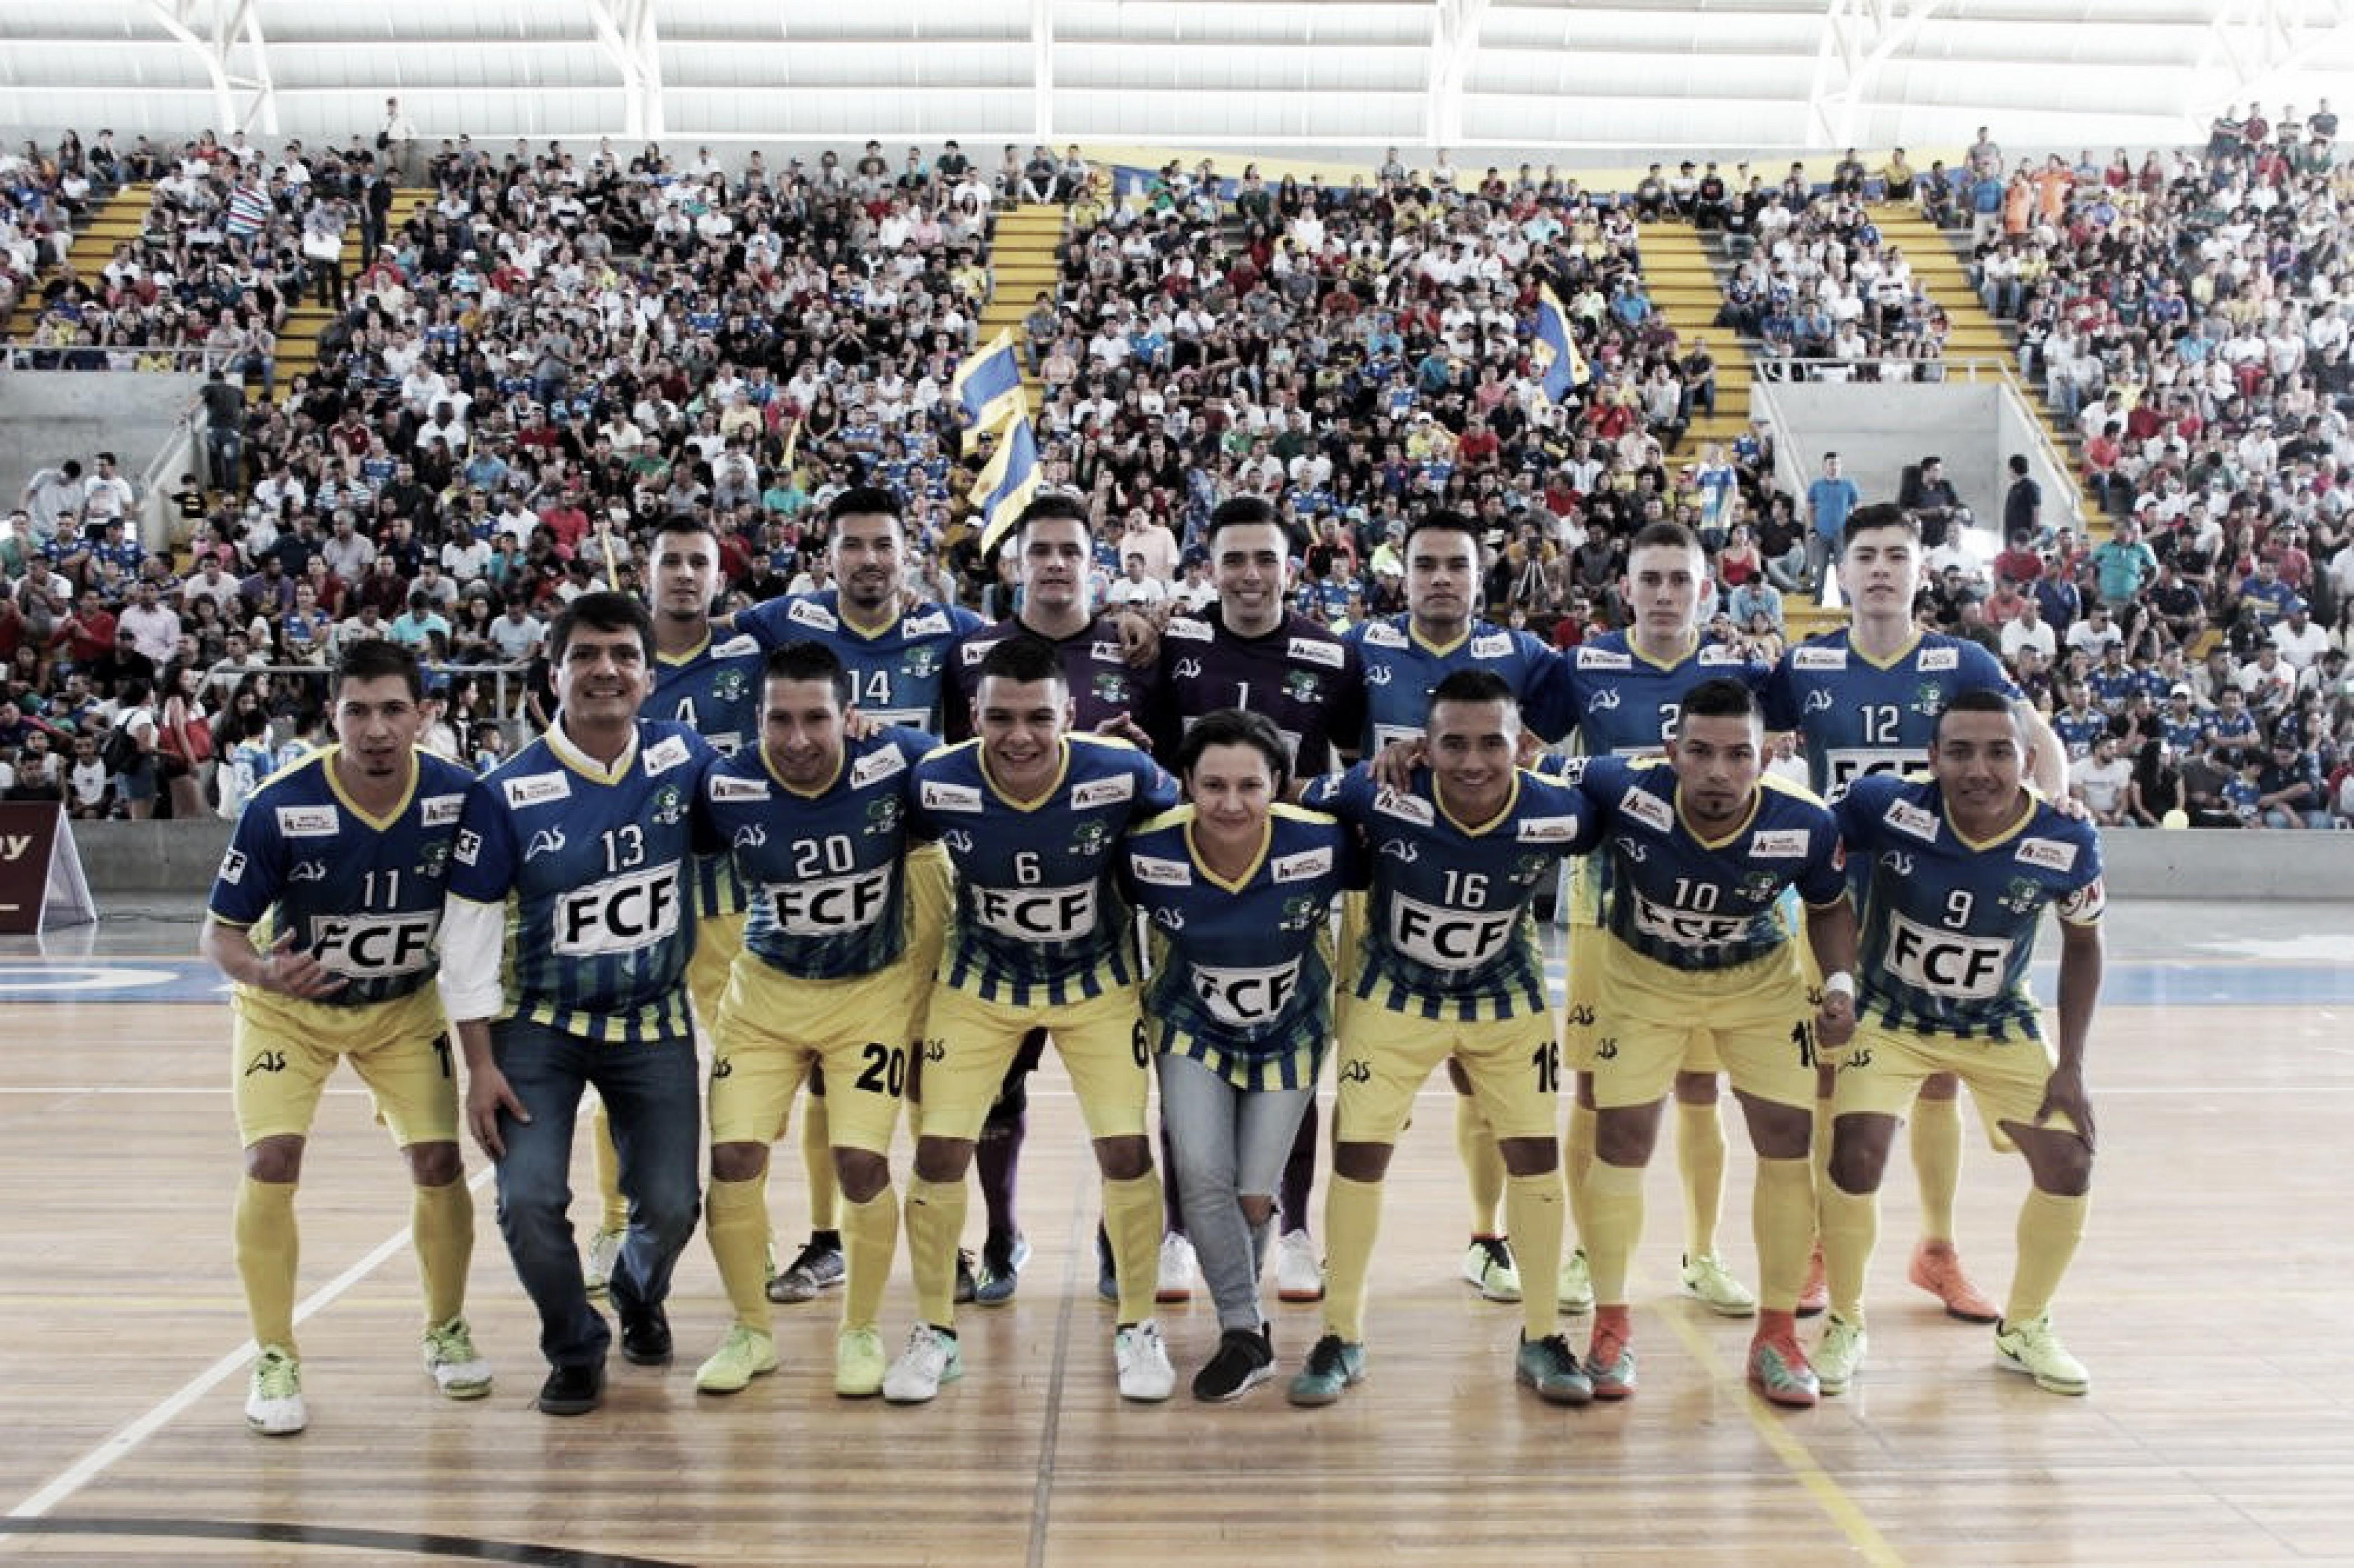 El Torneo Nacional de Fútsal 2018 termina con Atlético Cauca como campeón